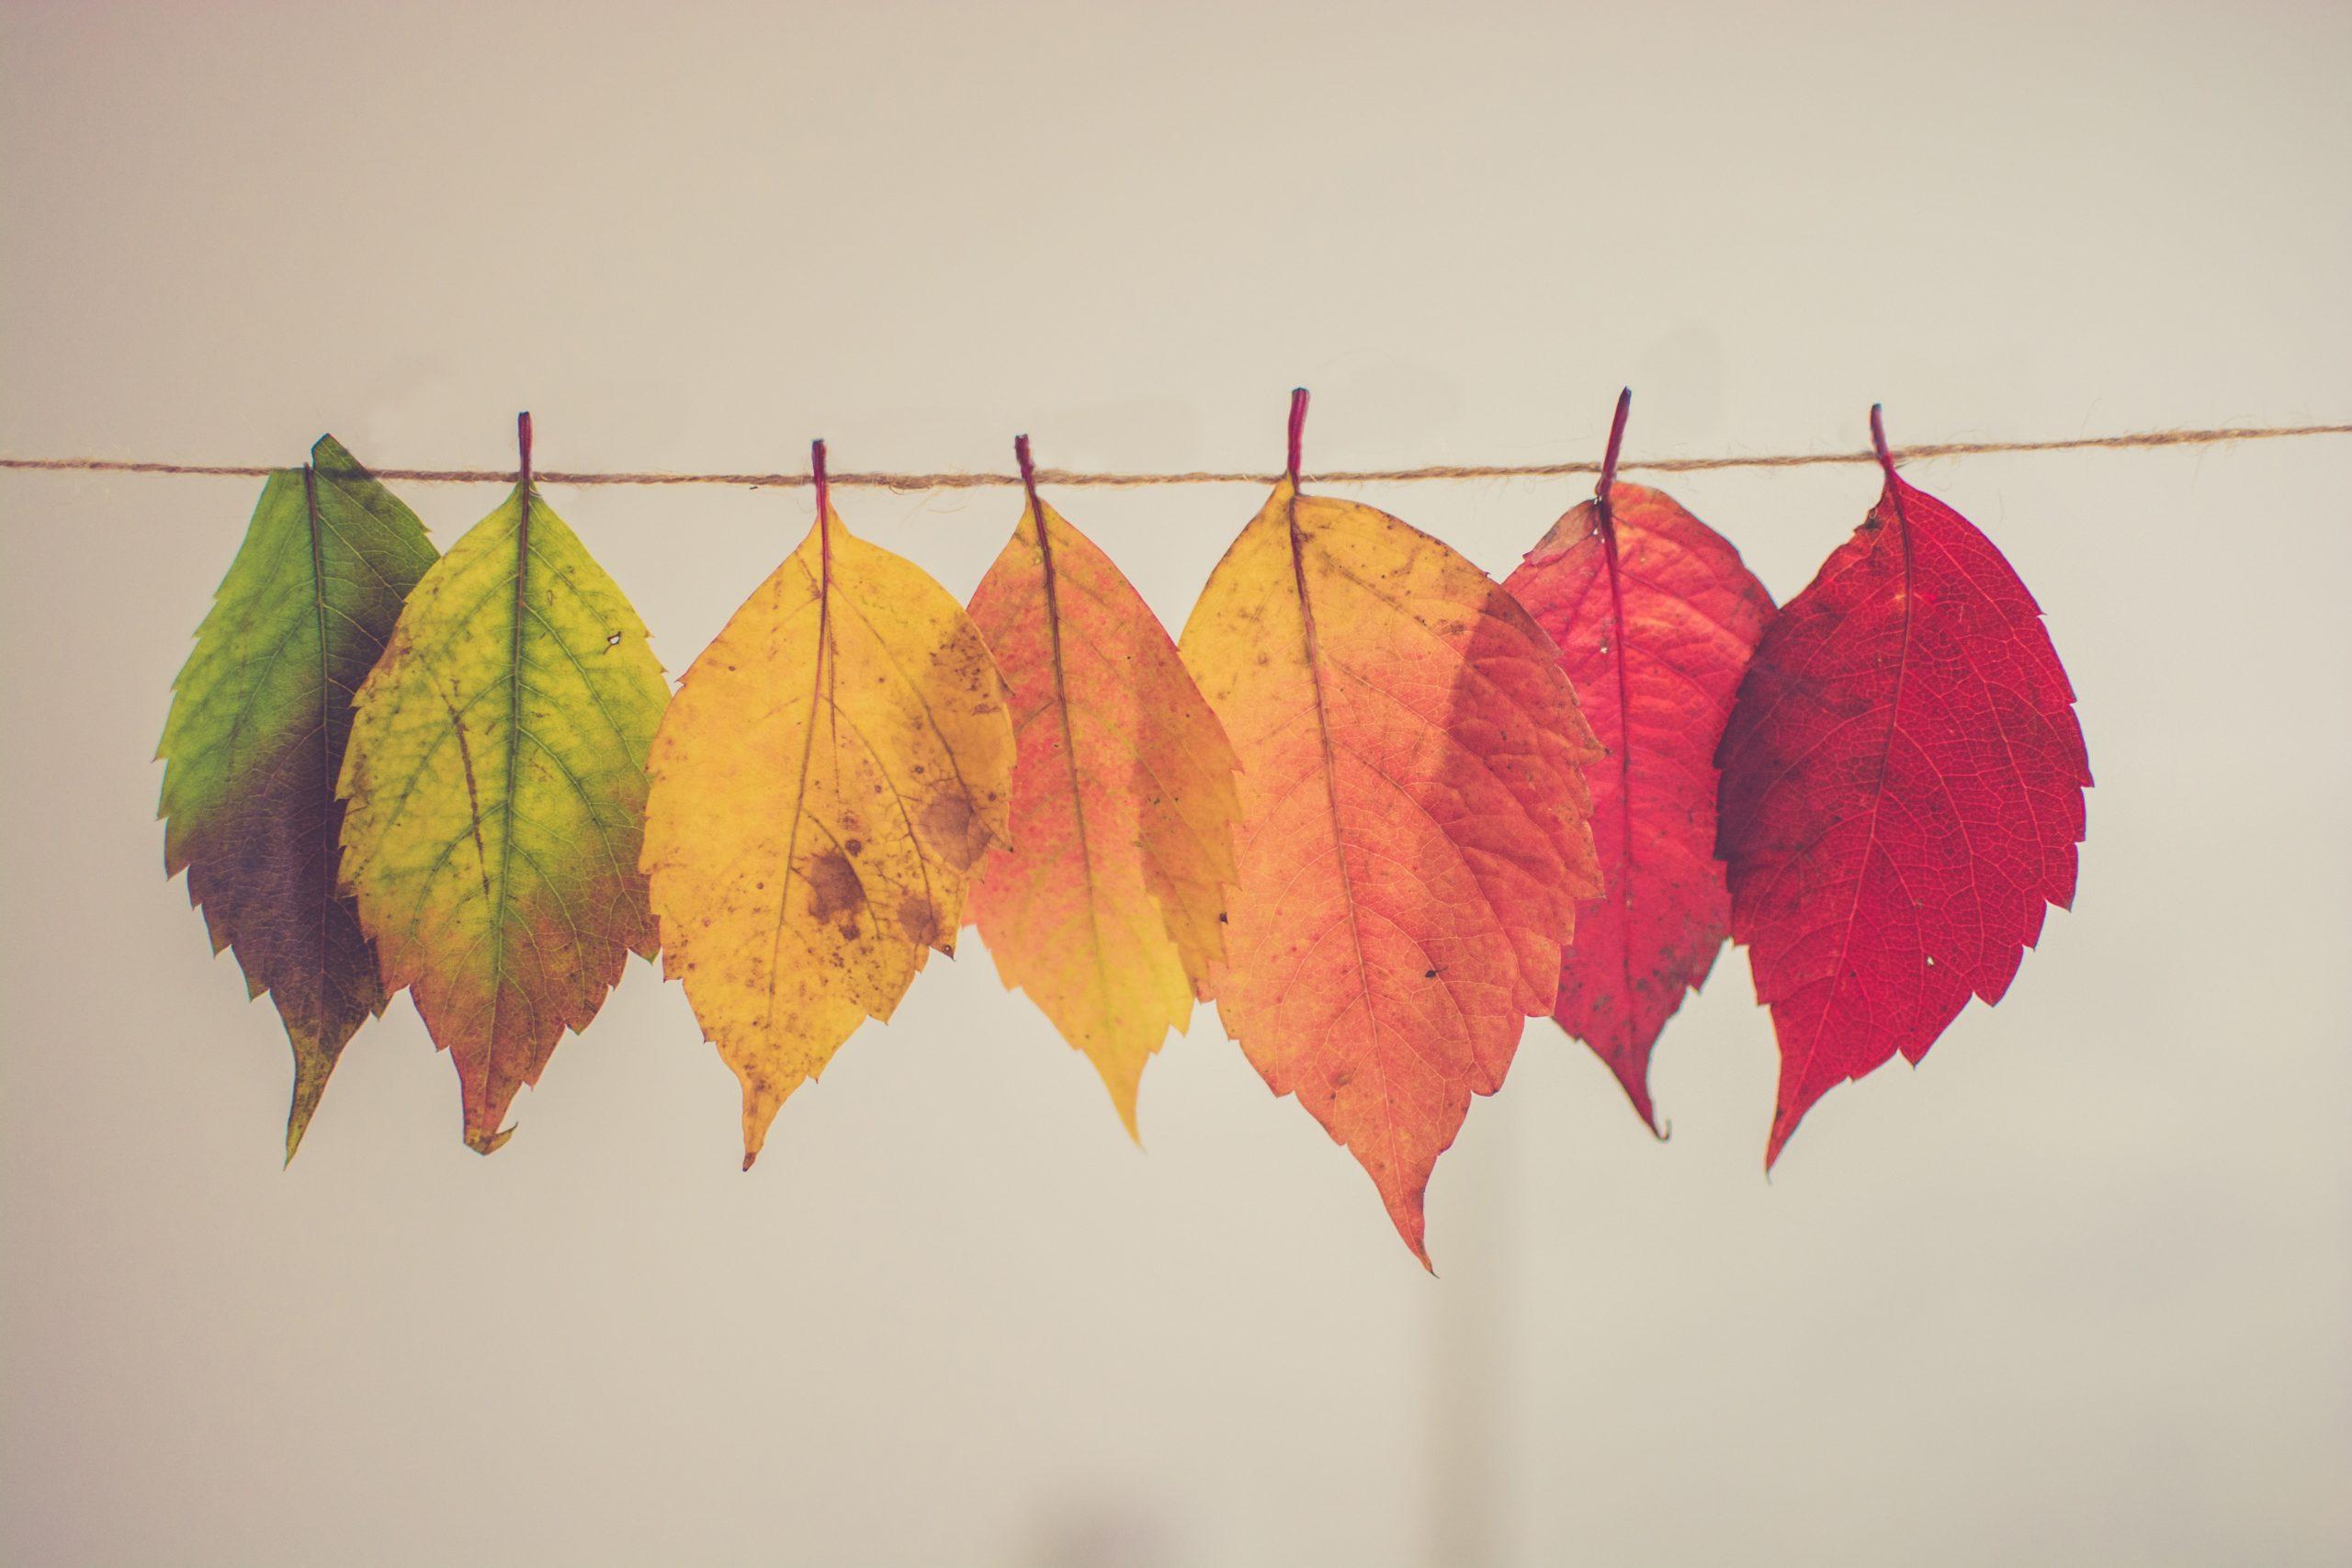 葉っぱが落ちる